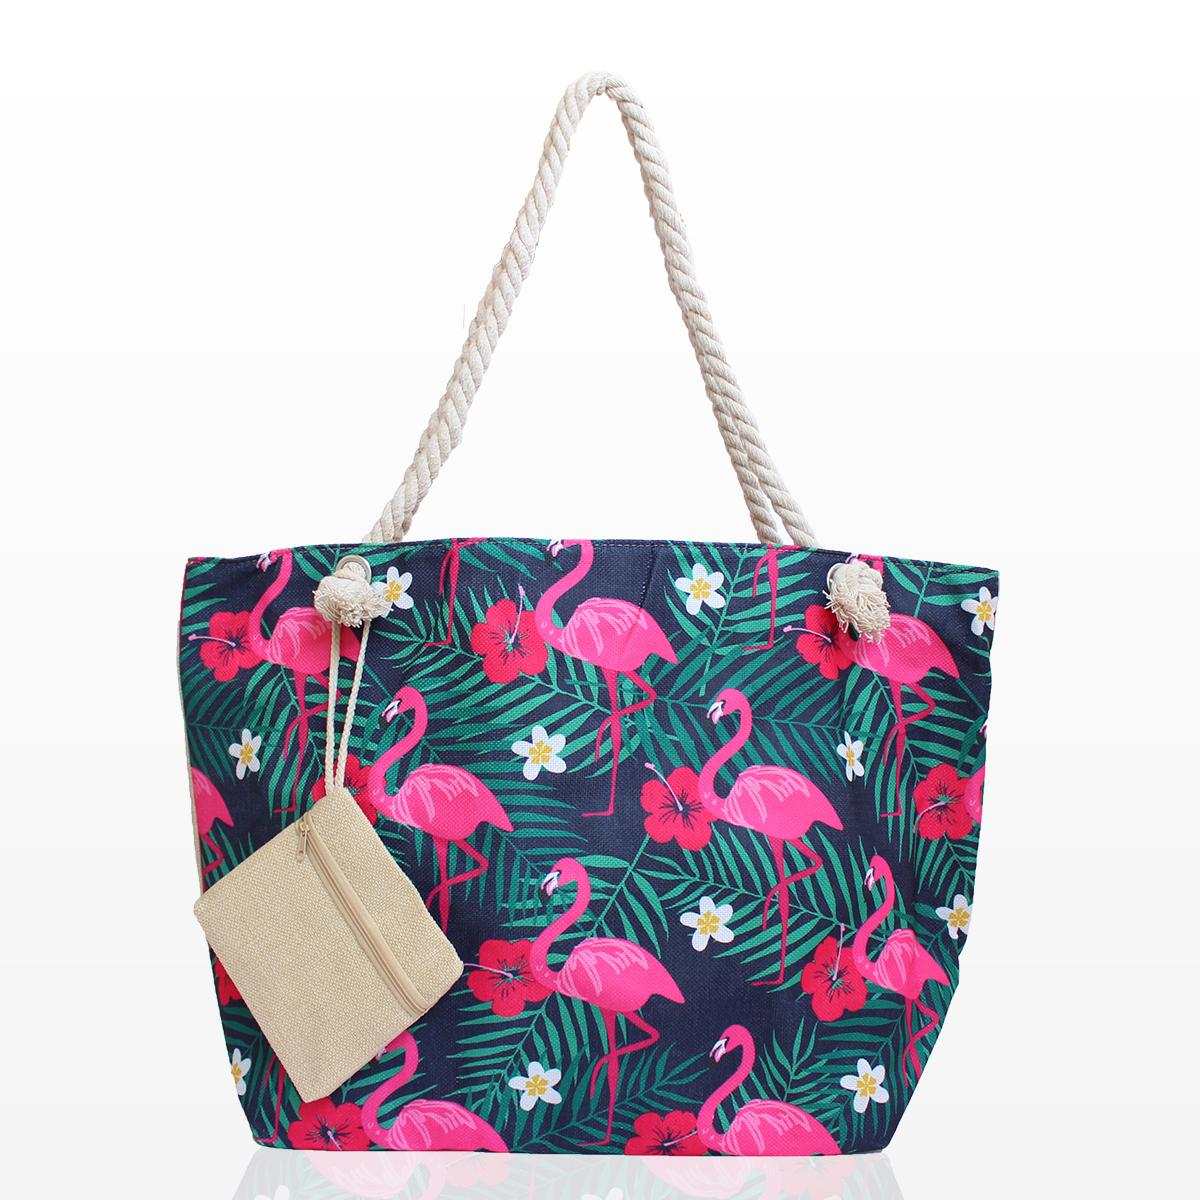 6b935a462e1 Плажни Чанти с Фламинго - 791 - Damski.bg